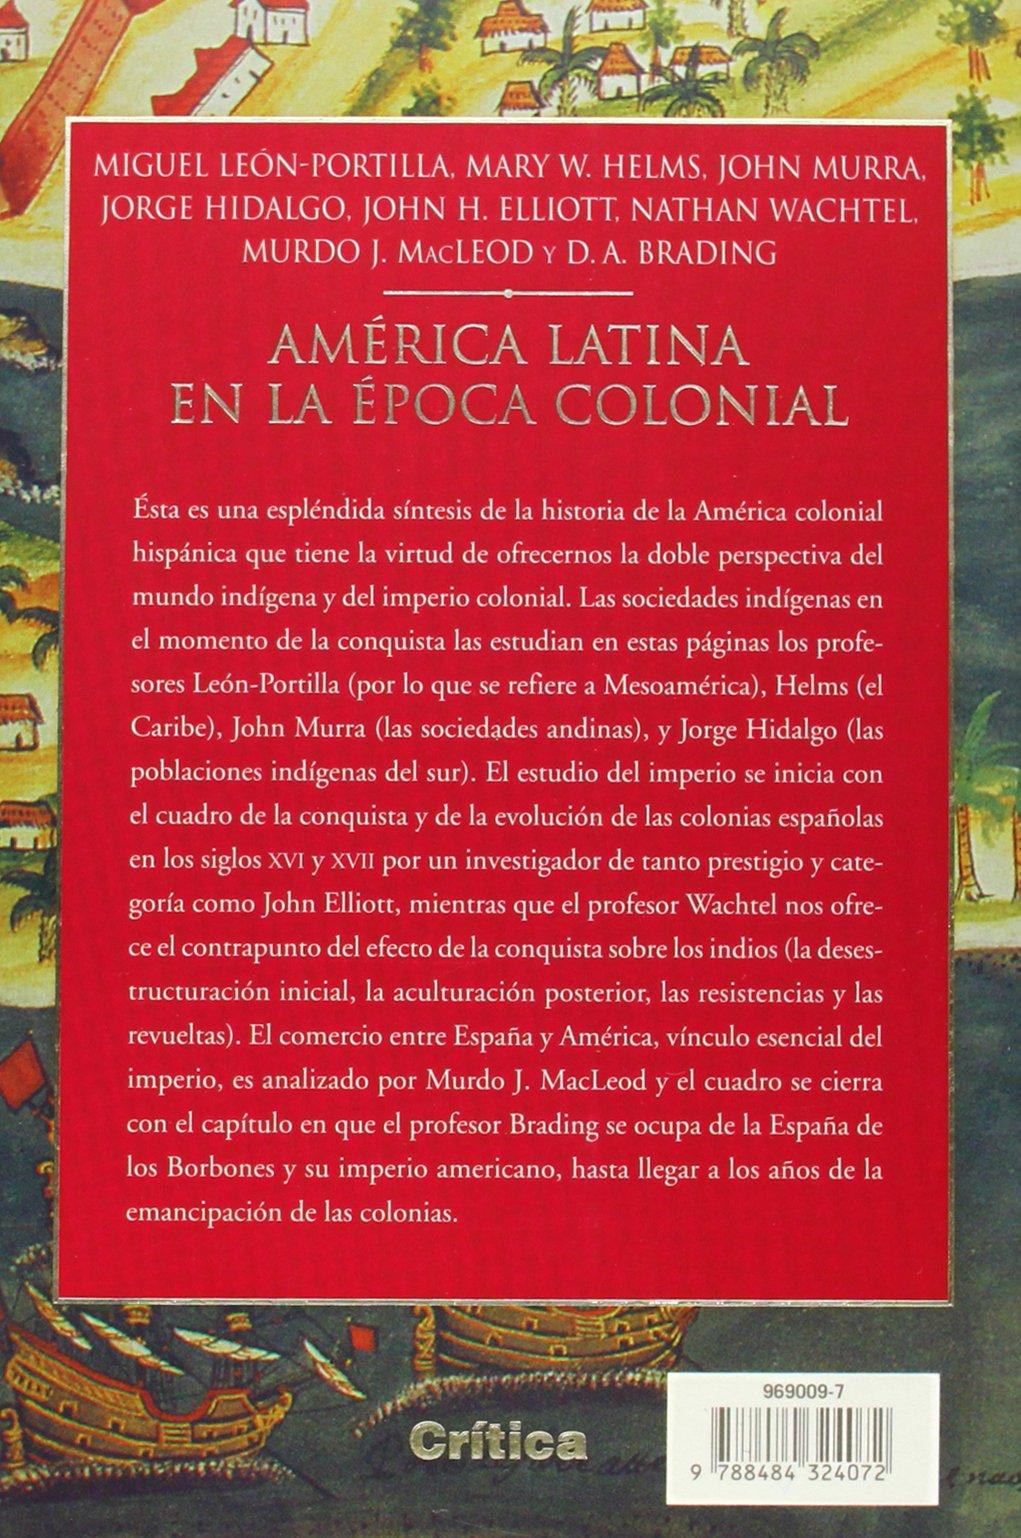 América latina en la Época colonial 1: España y América de 1492 a 188: Amazon.es: J. Hidalgo, M. León-Portilla, M. W. Helms, J. Murray: Libros